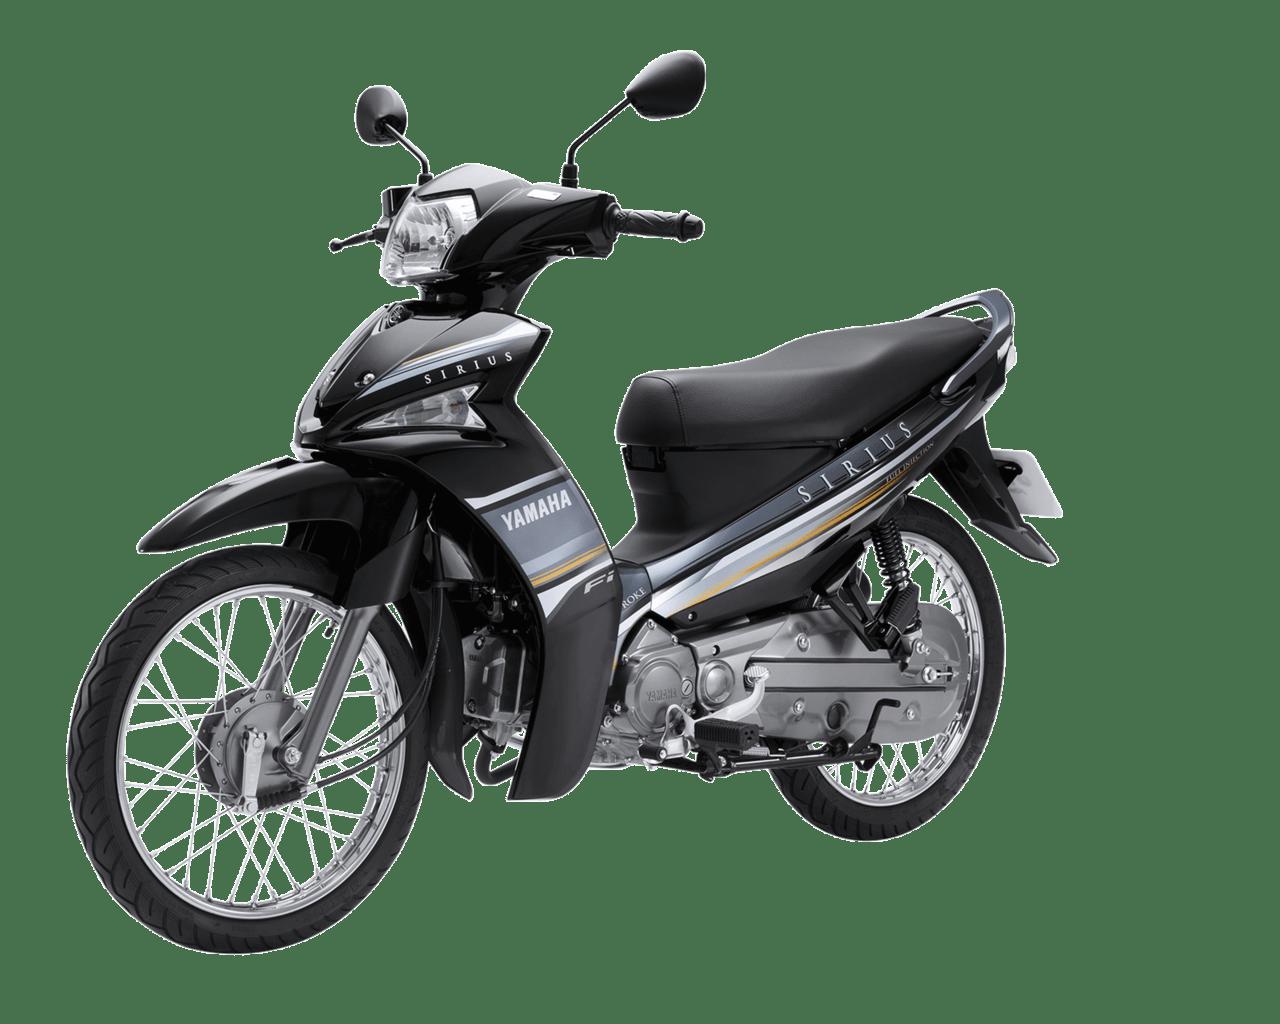 Yamaha Sirius FI phanh cơ